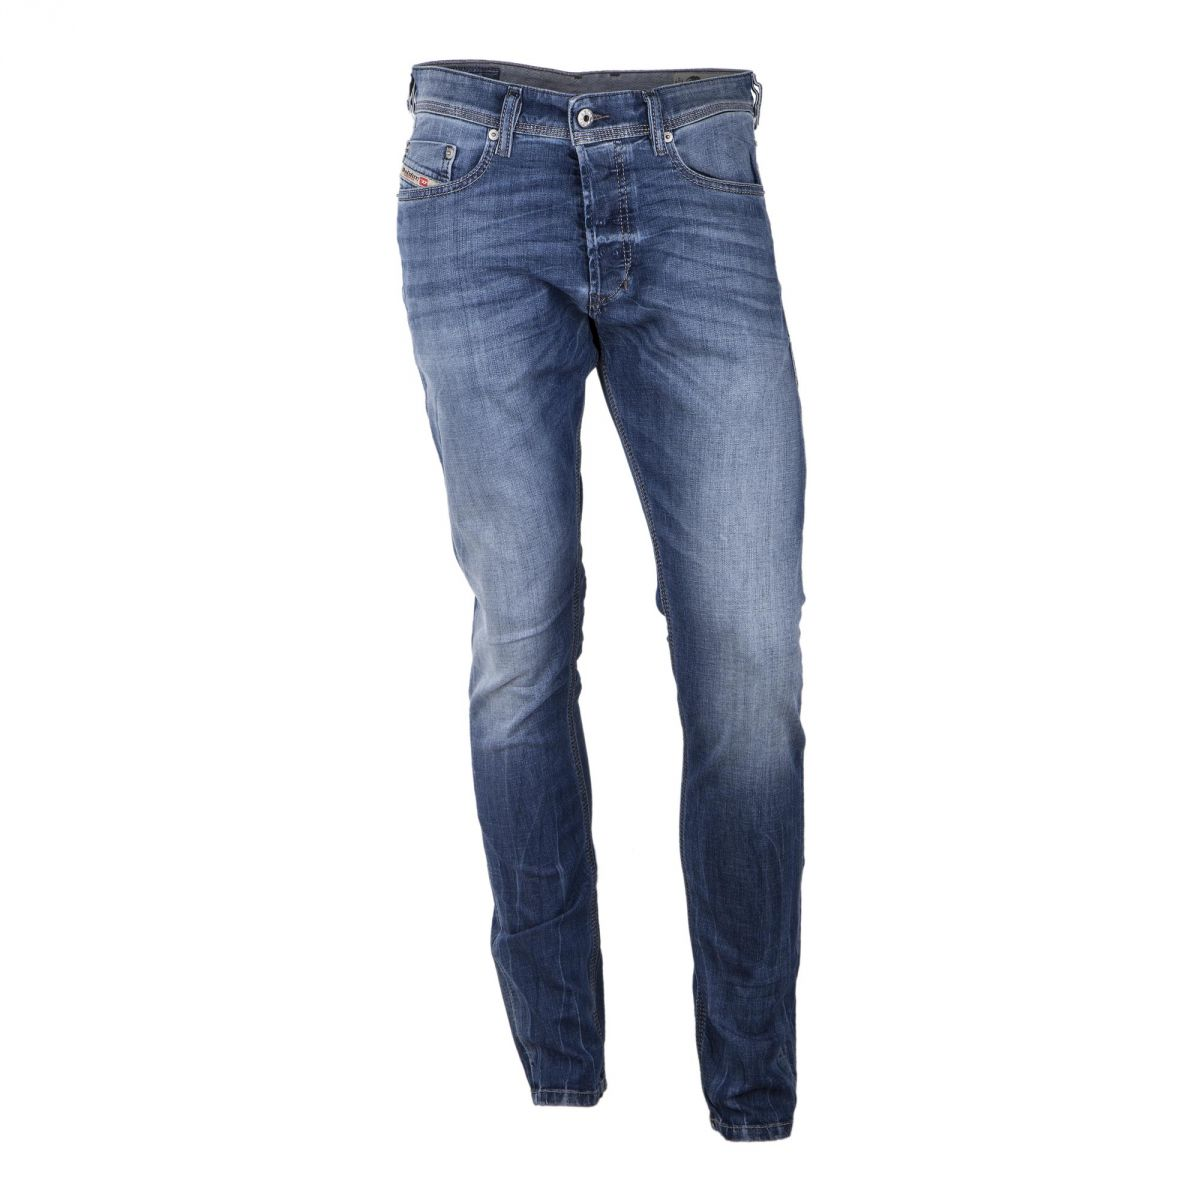 jean bleu d lav slim carrot tepphar 0859 stretch homme. Black Bedroom Furniture Sets. Home Design Ideas